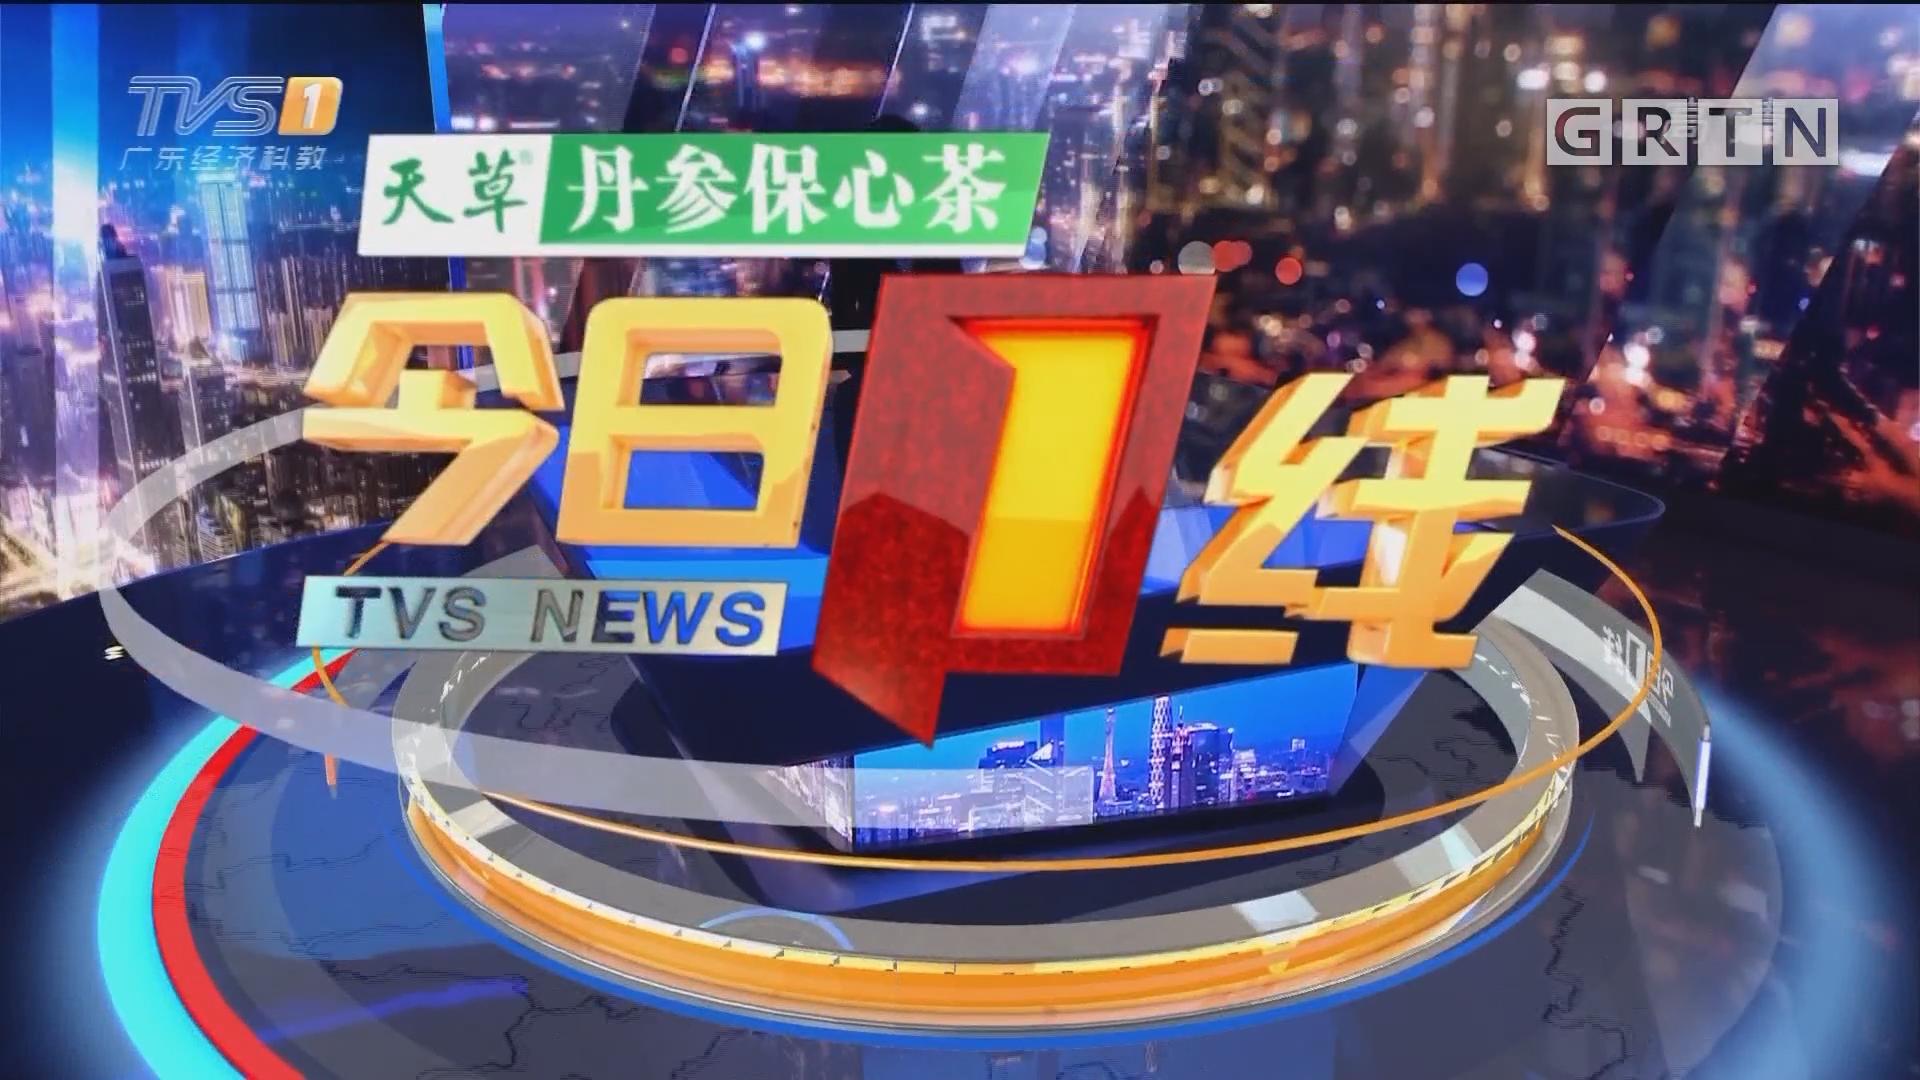 [HD][2019-05-10]今日一线:广州警方通报扫黑除恶新战果:十余涉黑恶组织被打掉 冻结资产超十亿